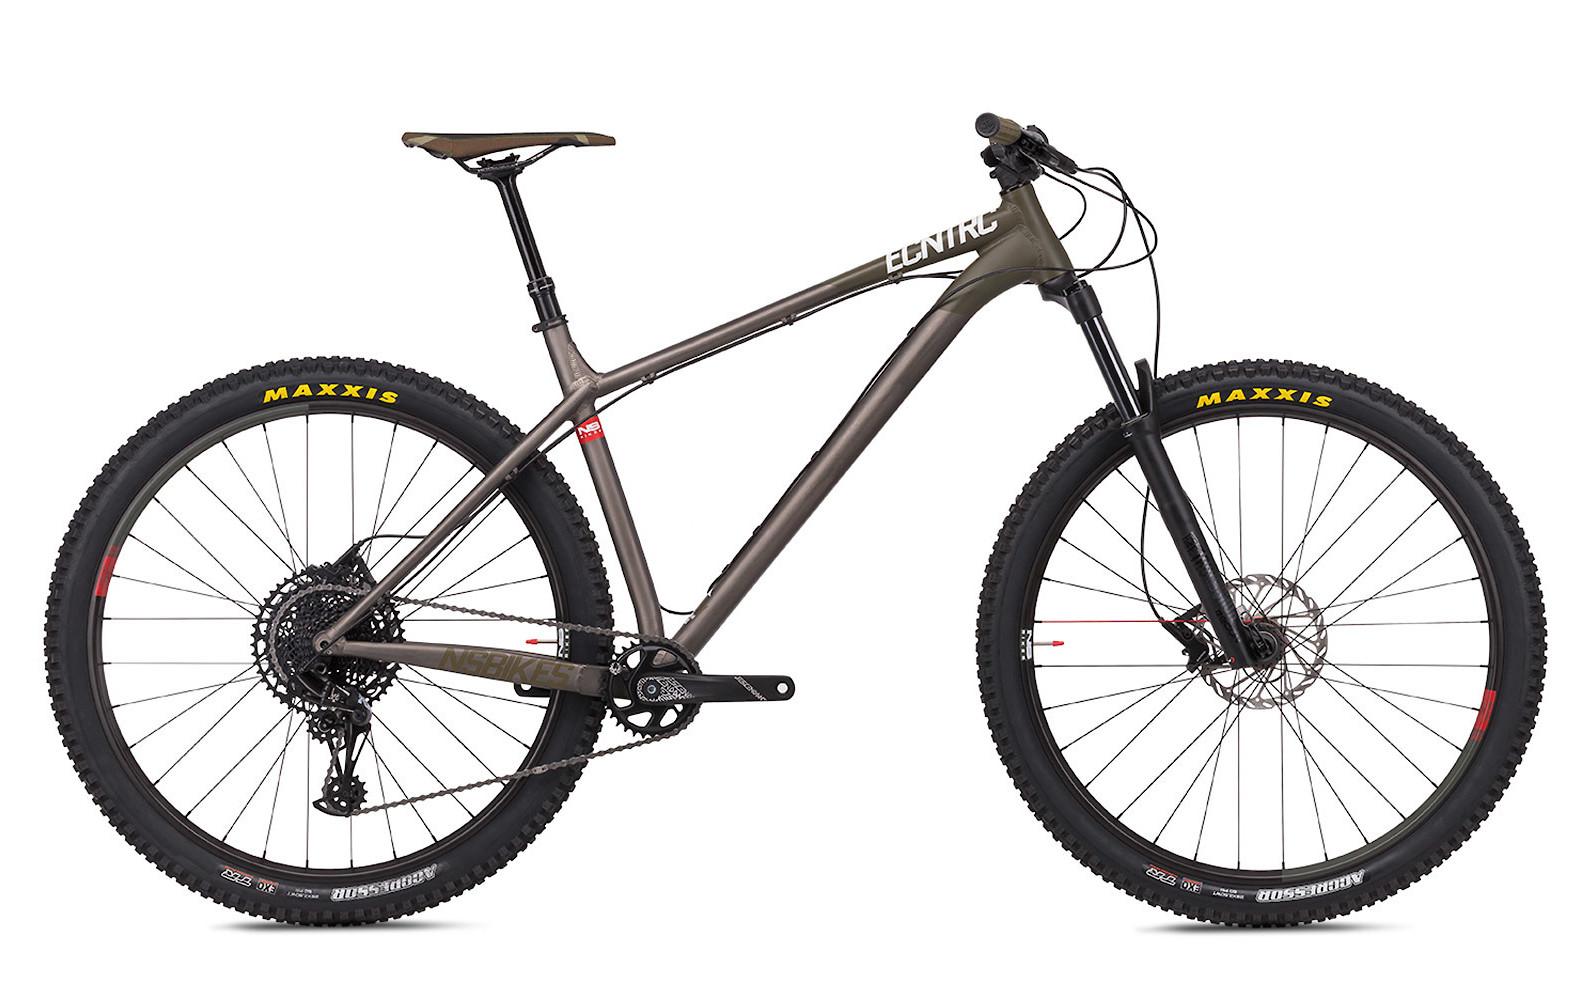 2019 NS Eccentric ALU 29 Bike